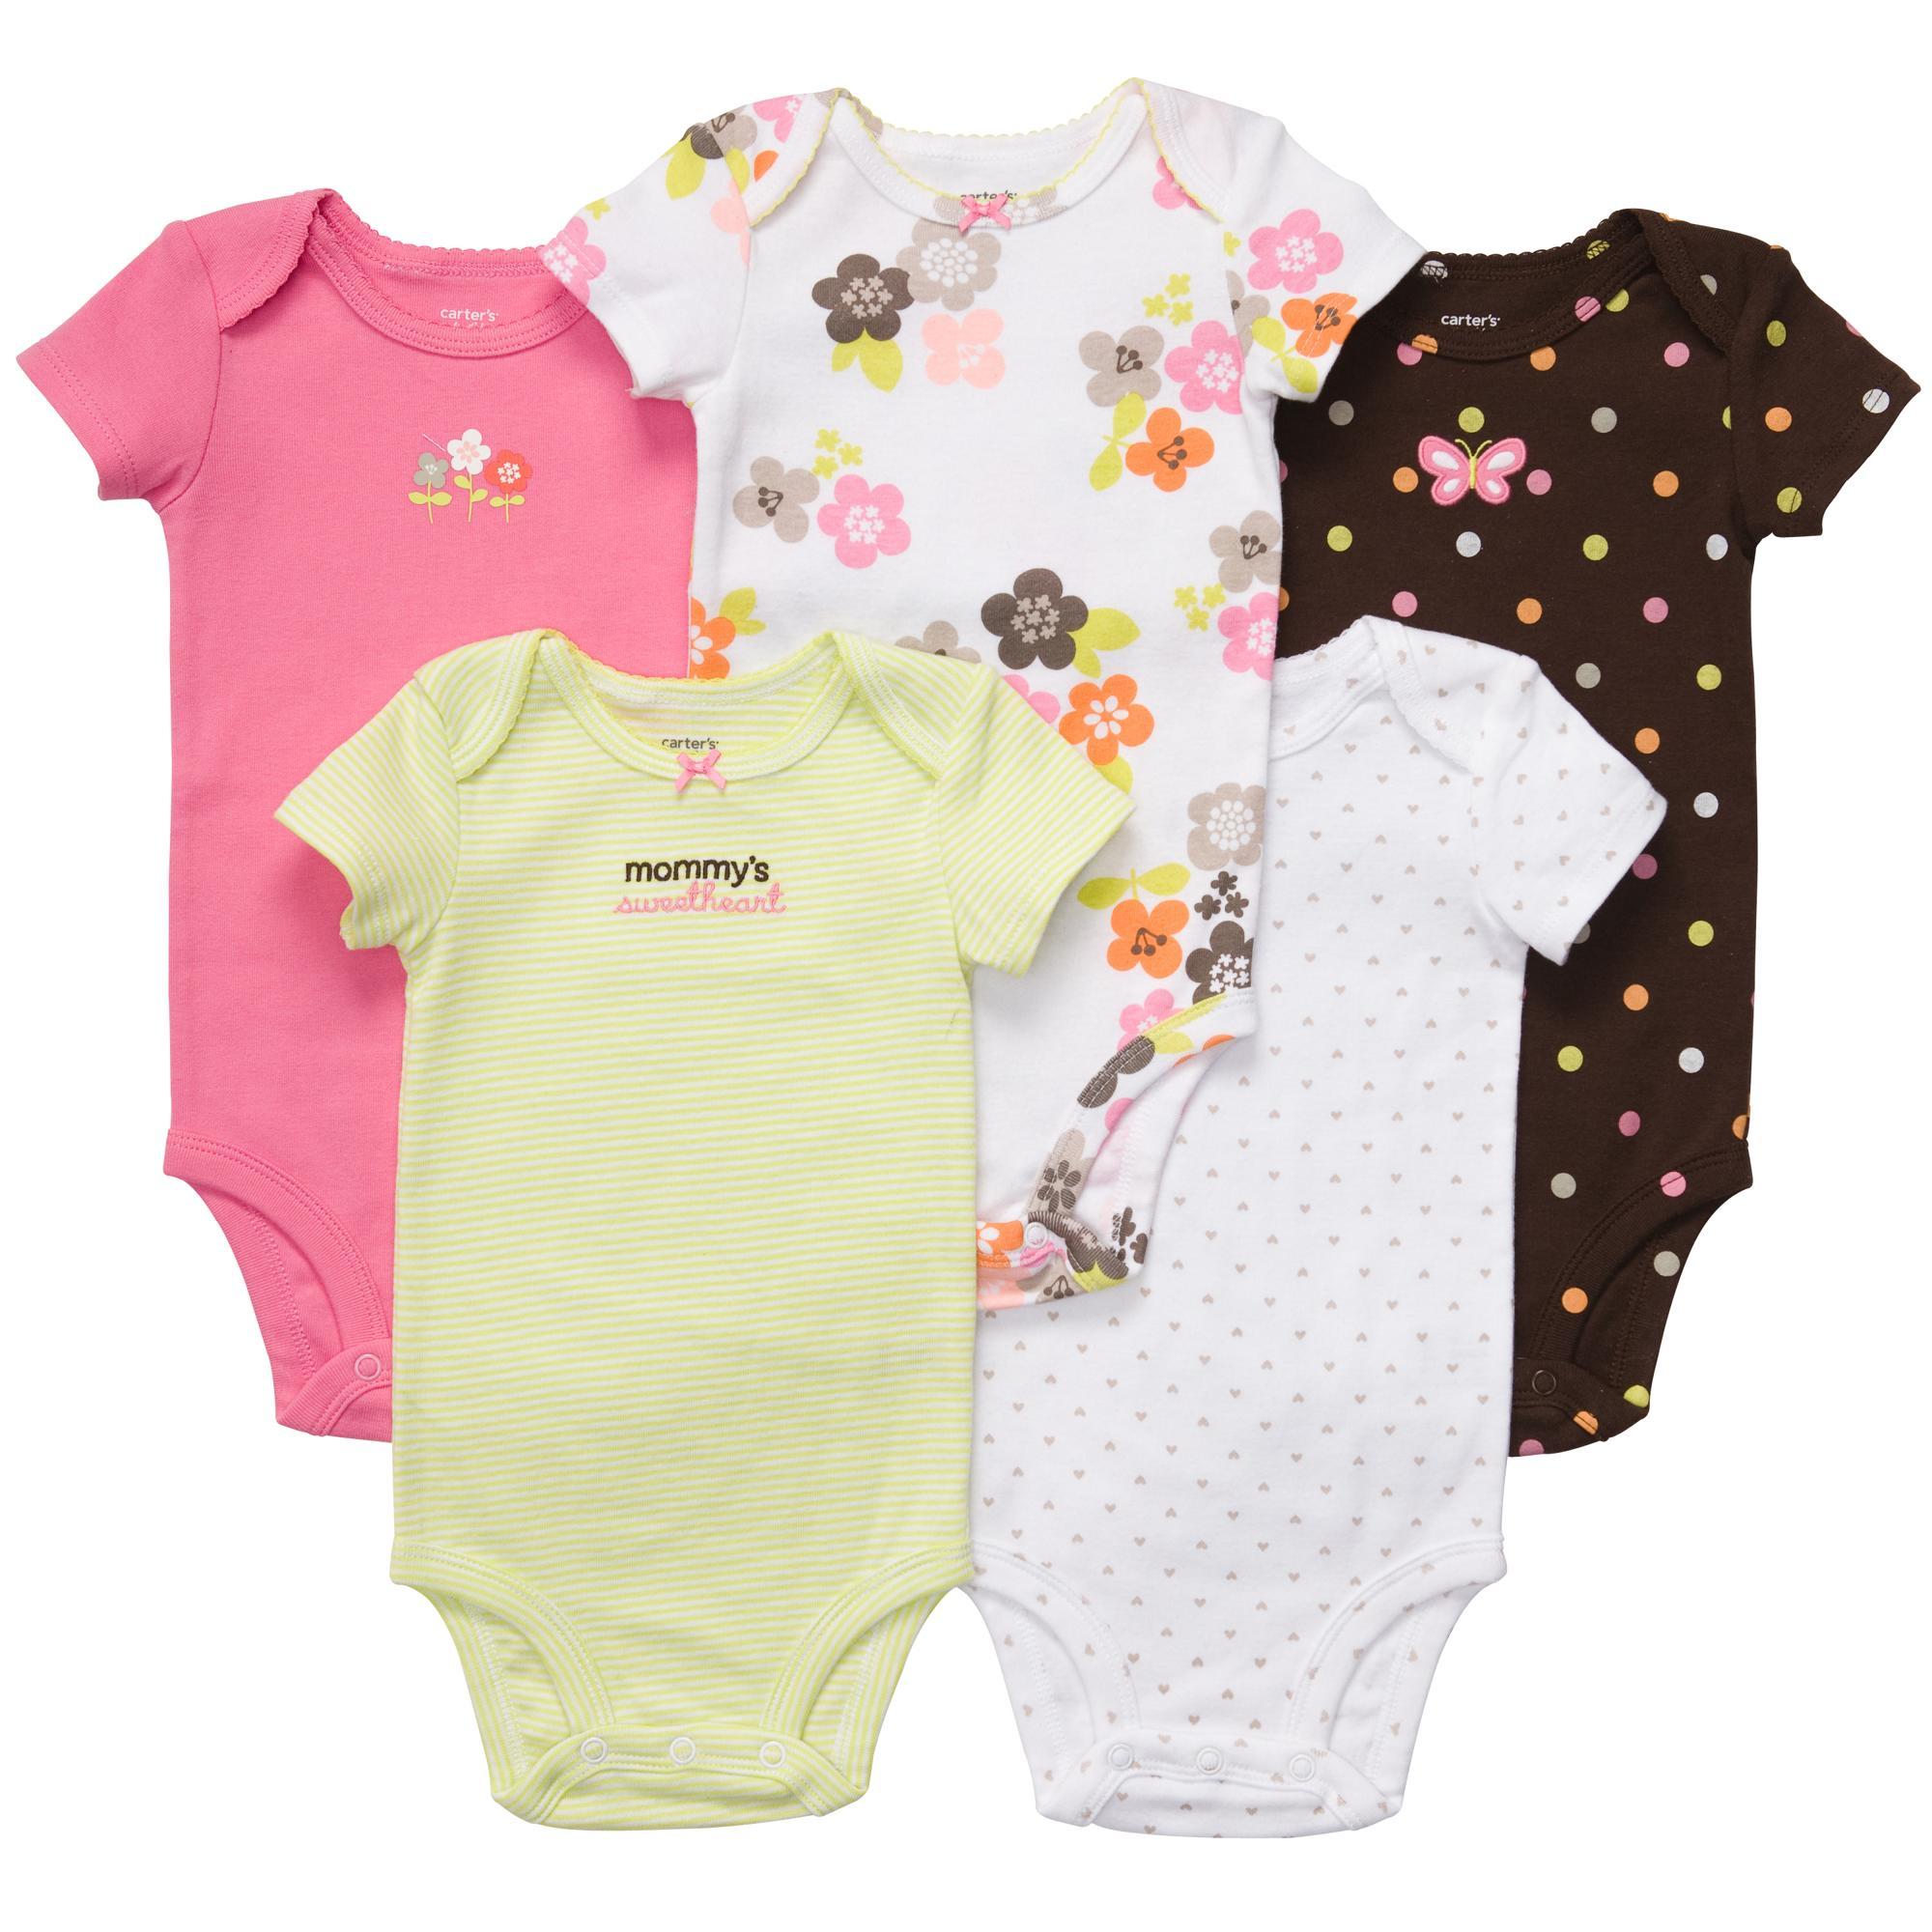 Carters замечательные наборы бодиков для девочек с коротким рукавом.